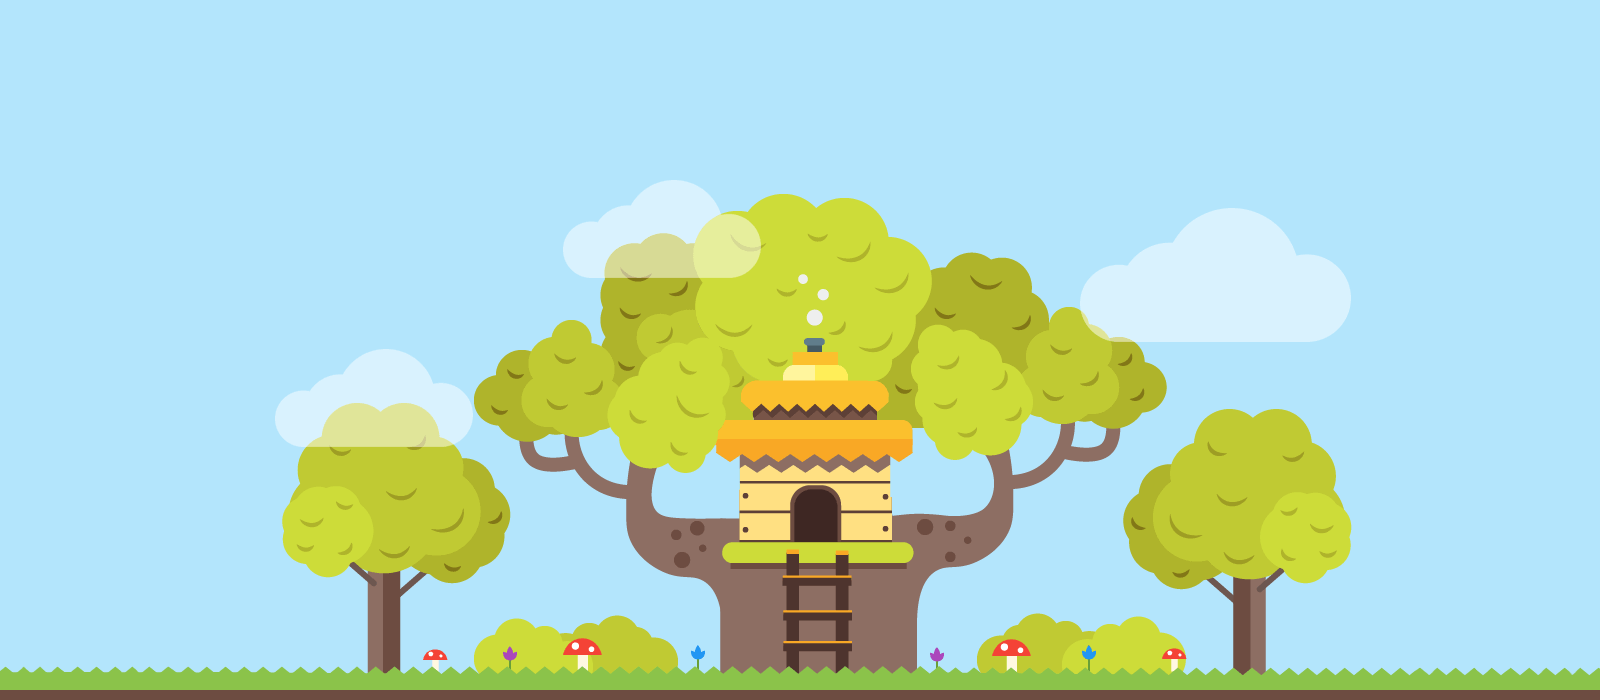 新利18app官网下载想象森林_孩子们的创意写作资源